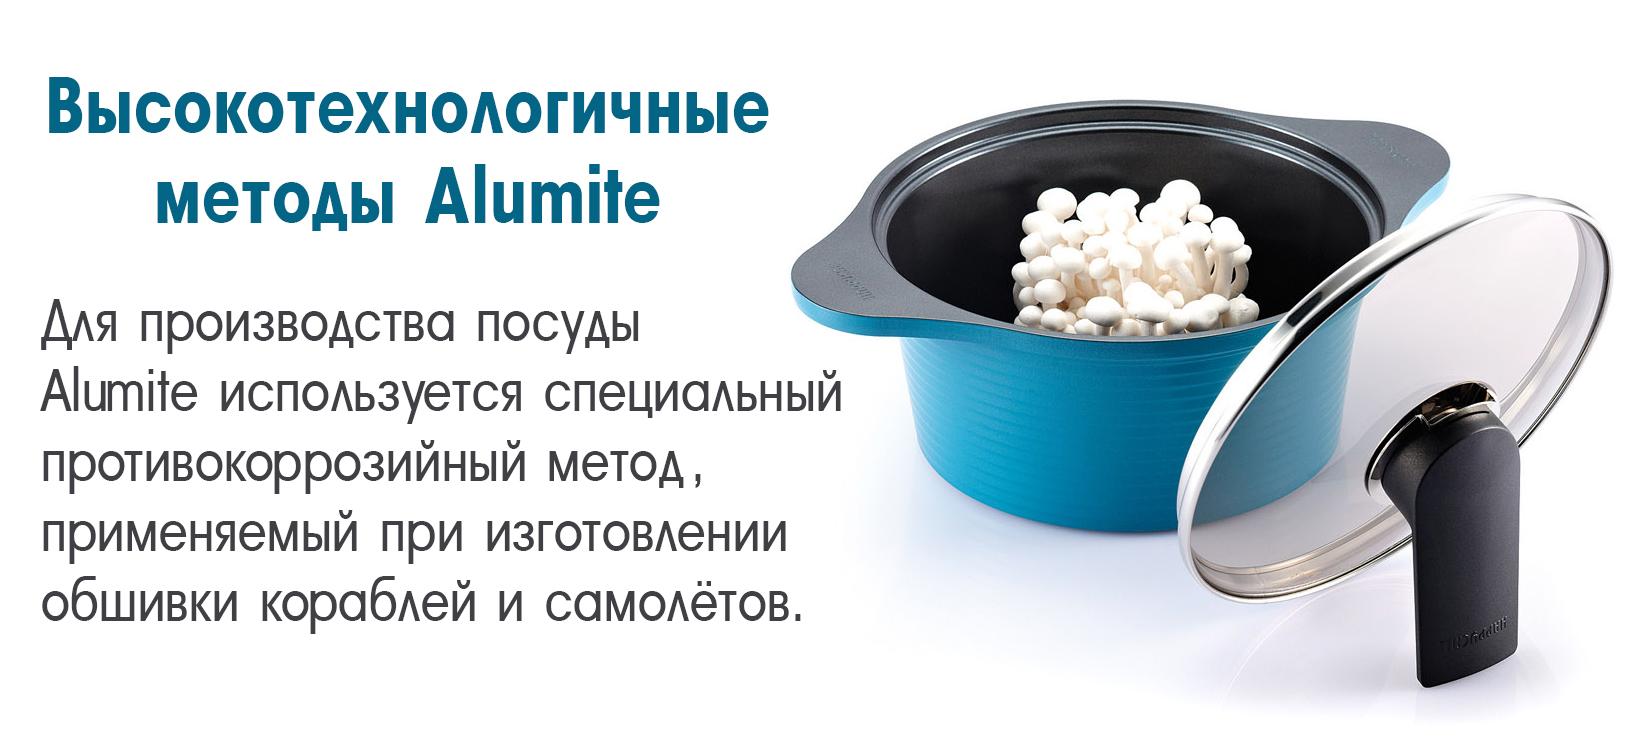 Высокотехнологичные методы Alumite.